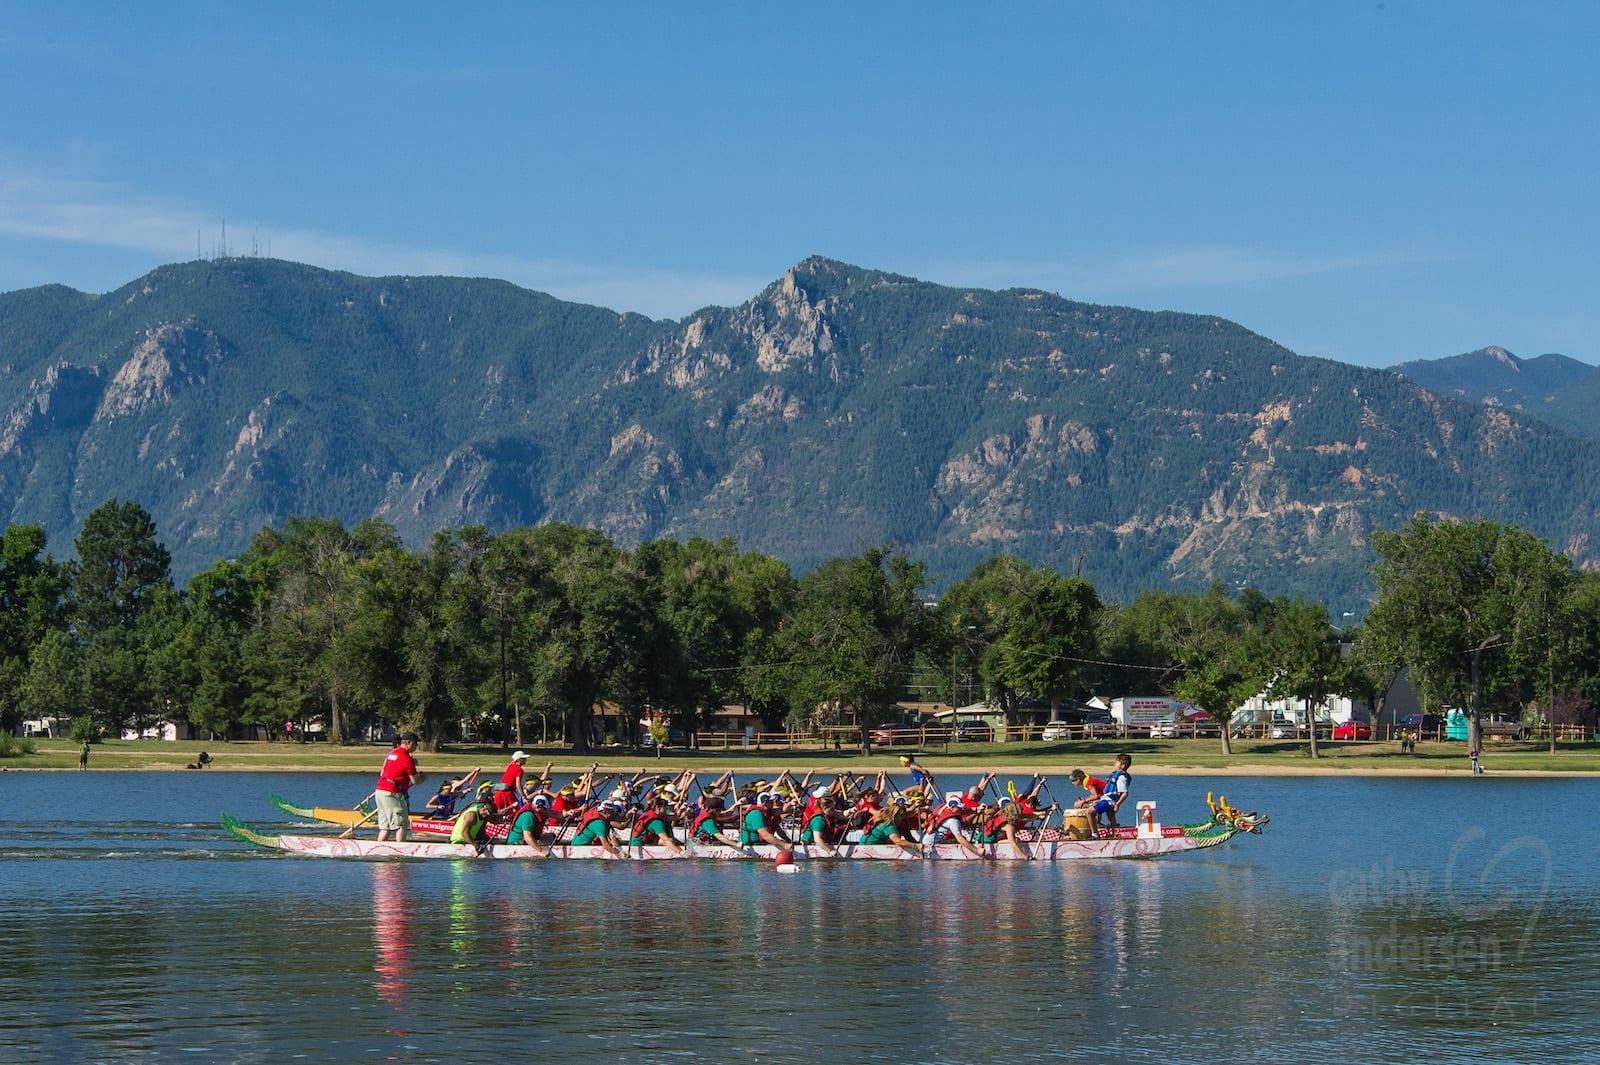 Dragon Boat Race, Prospect Lake, Memorial Park, Colorado Springs, CO